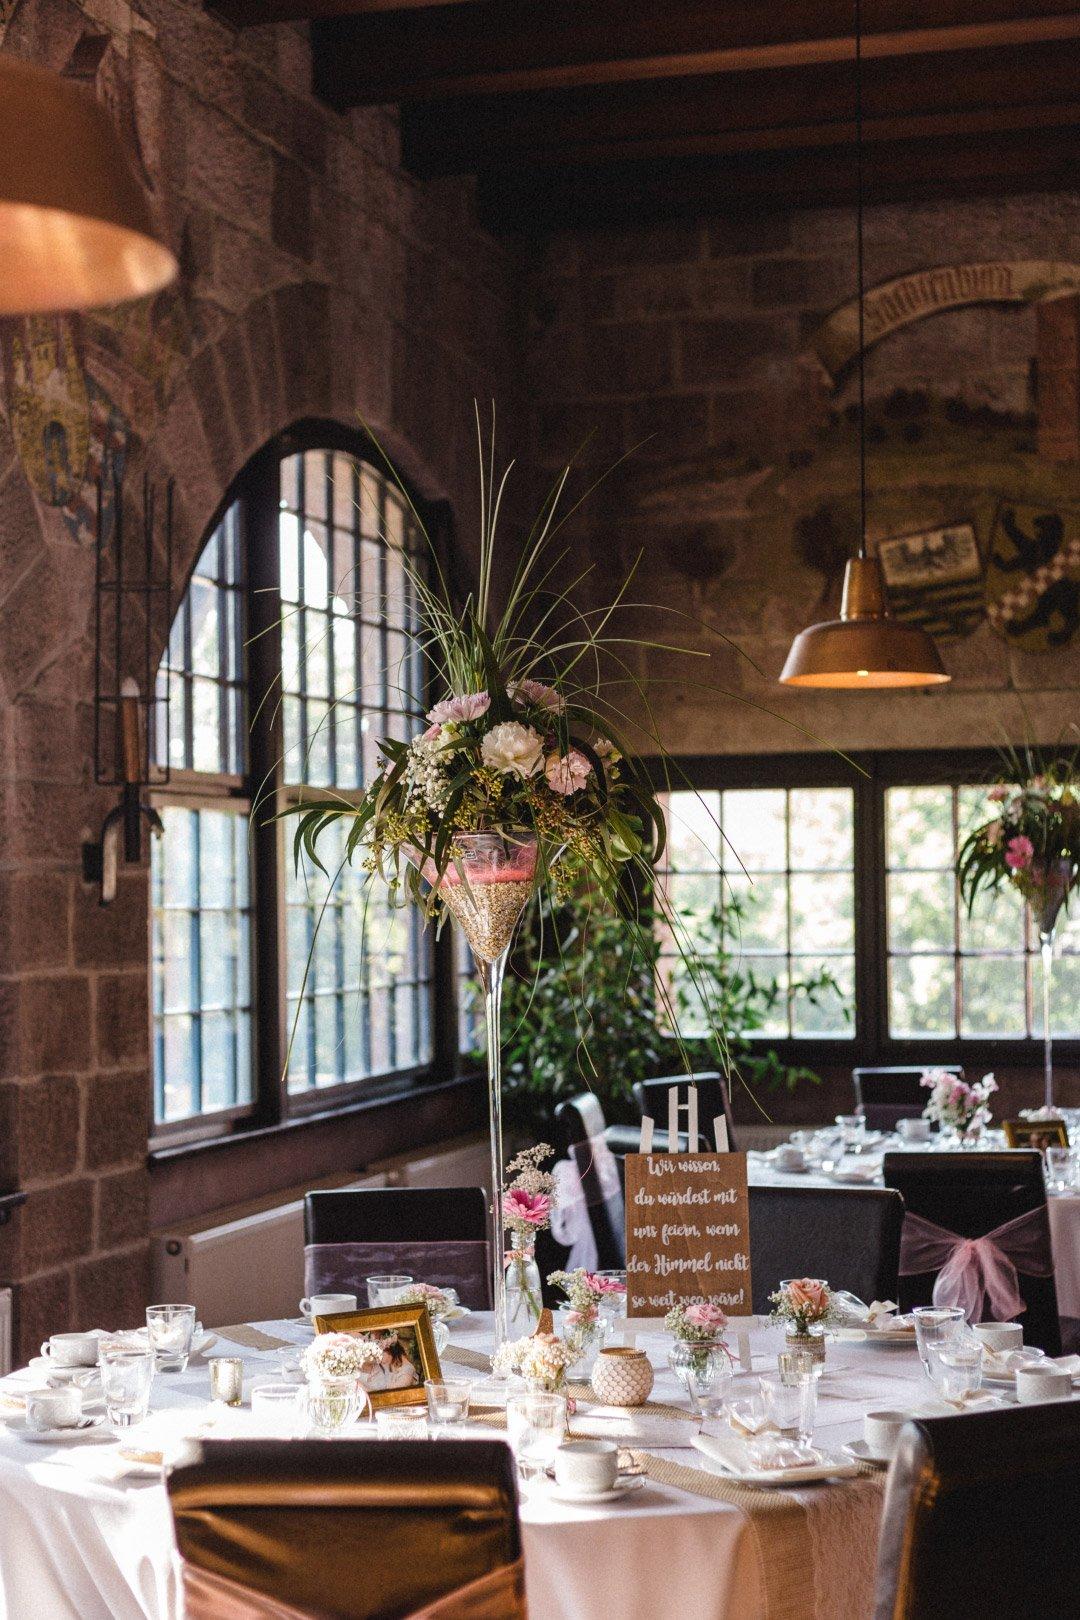 Tischdeko bei der Hochzeit mit großem Martiniglas und Blumen